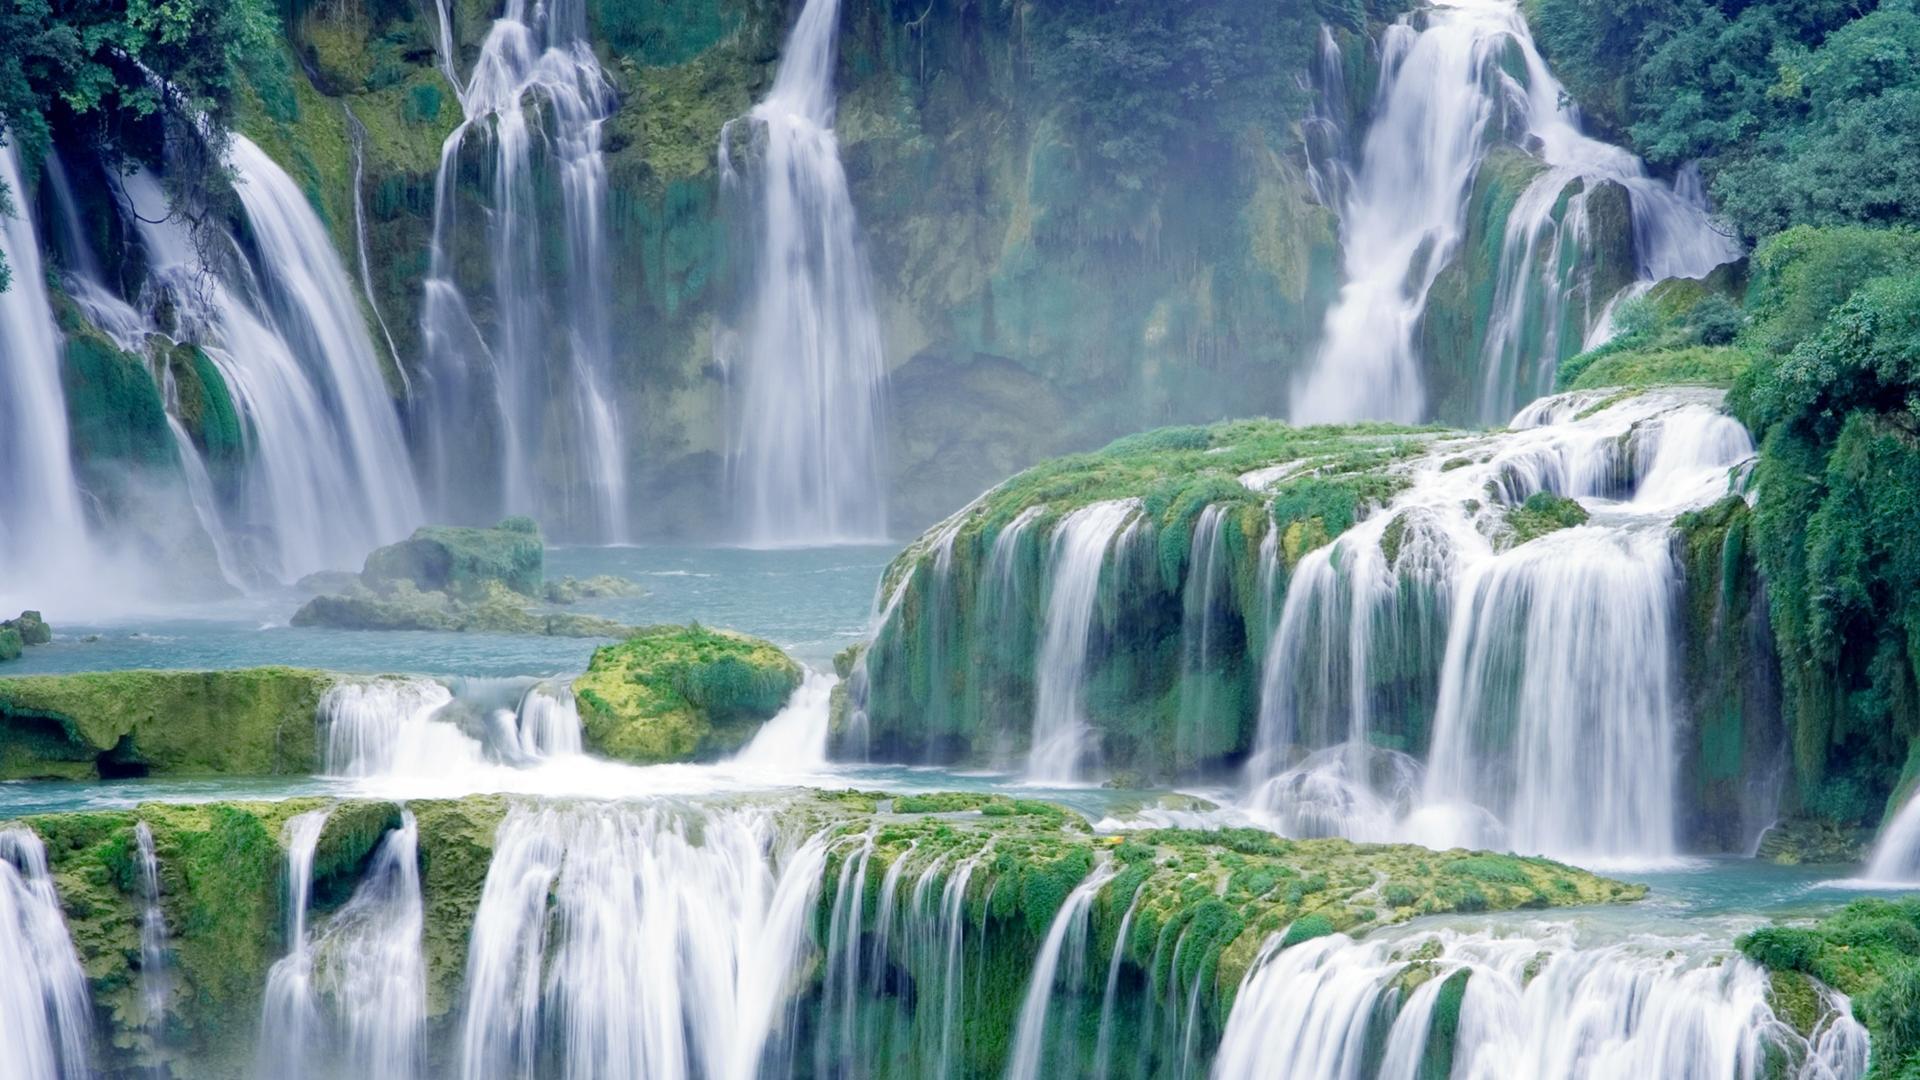 Hình nền máy tính thác nước cực đẹp